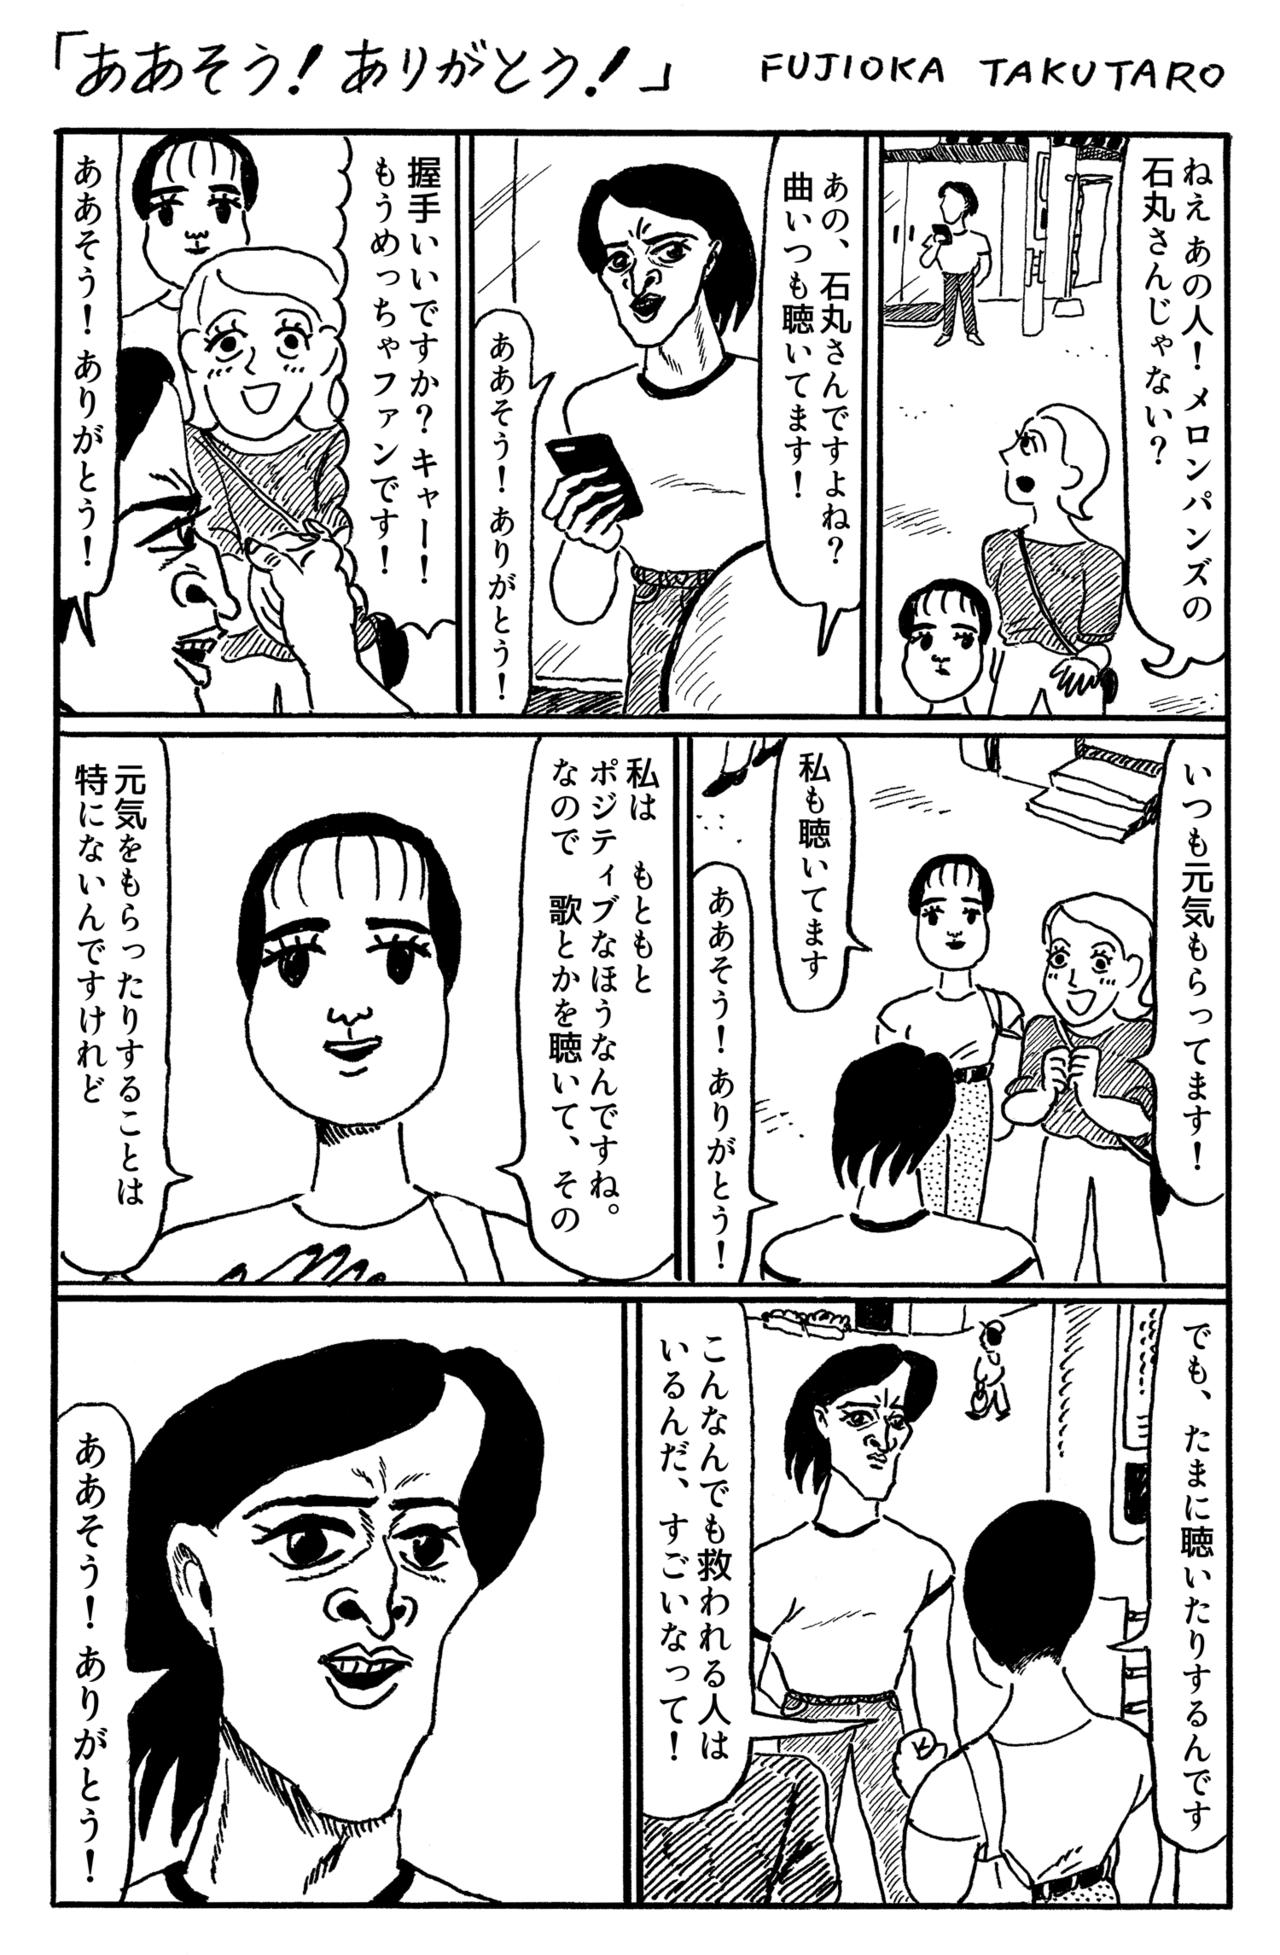 20190601_1ページ漫画_ああそう_ありがとう___R